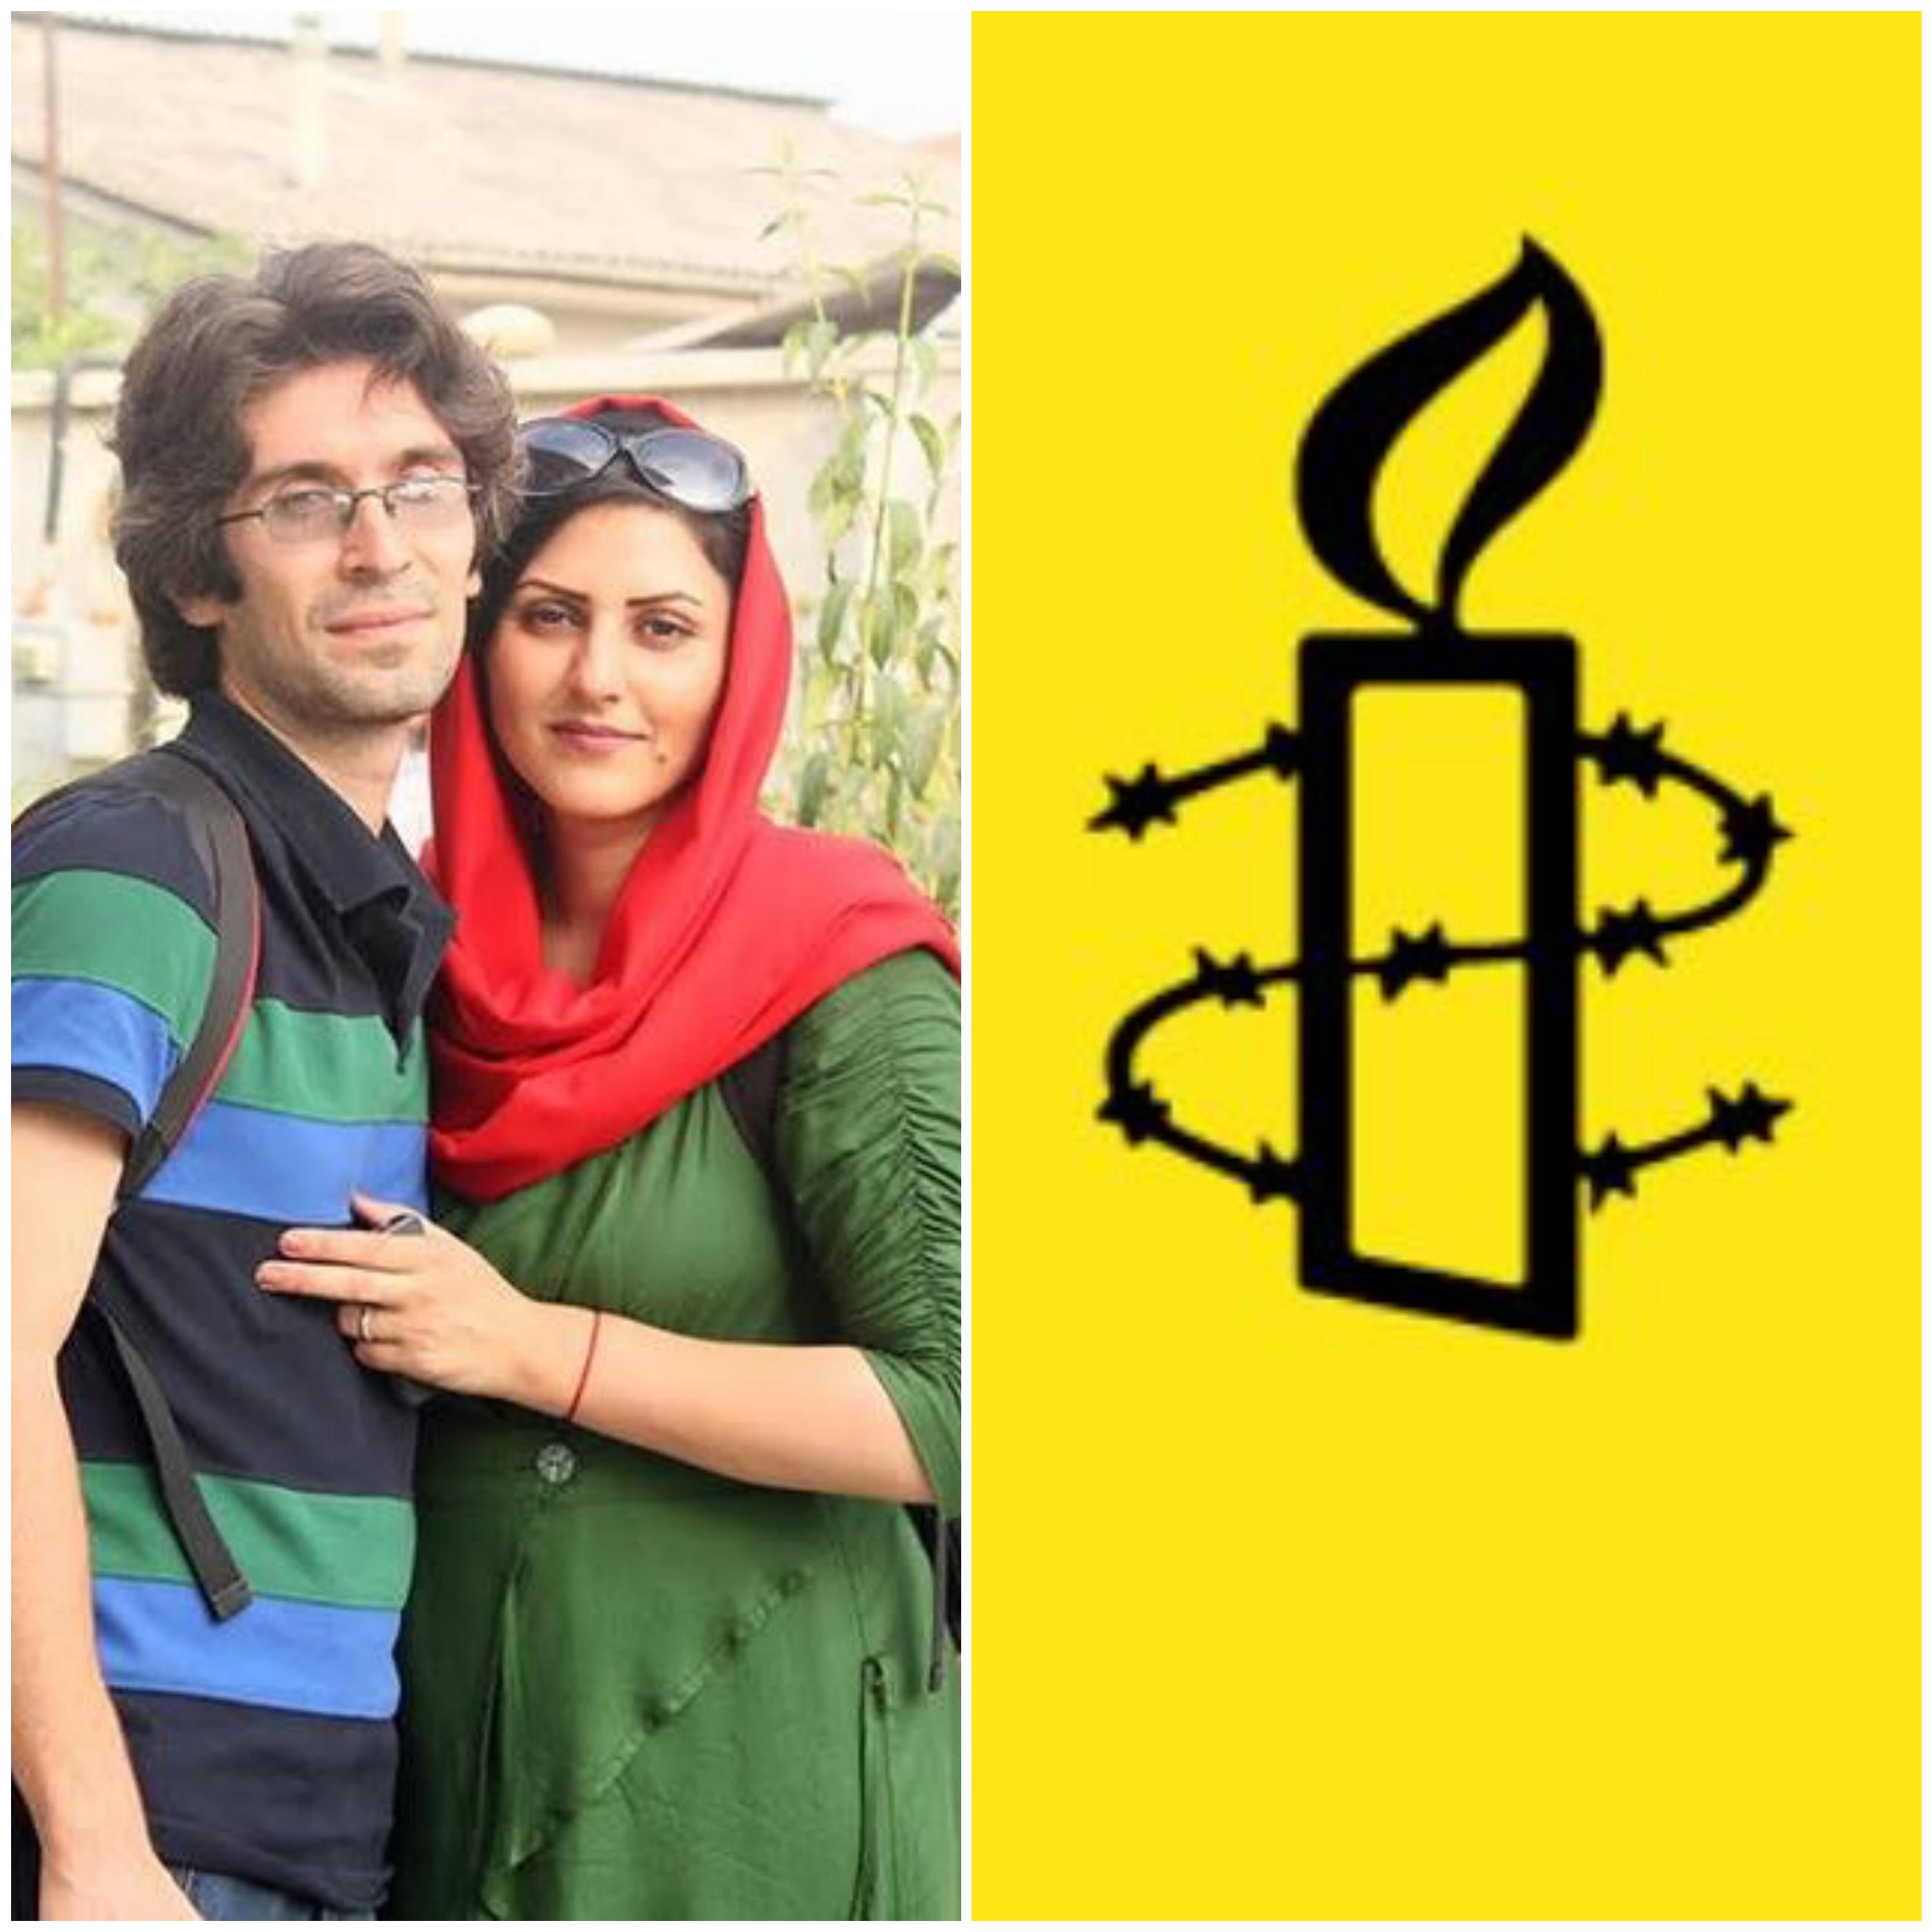 اعتراض عفو بینالملل به احکام صادره برای آرش صادقی و گلرخ ابراهیمی